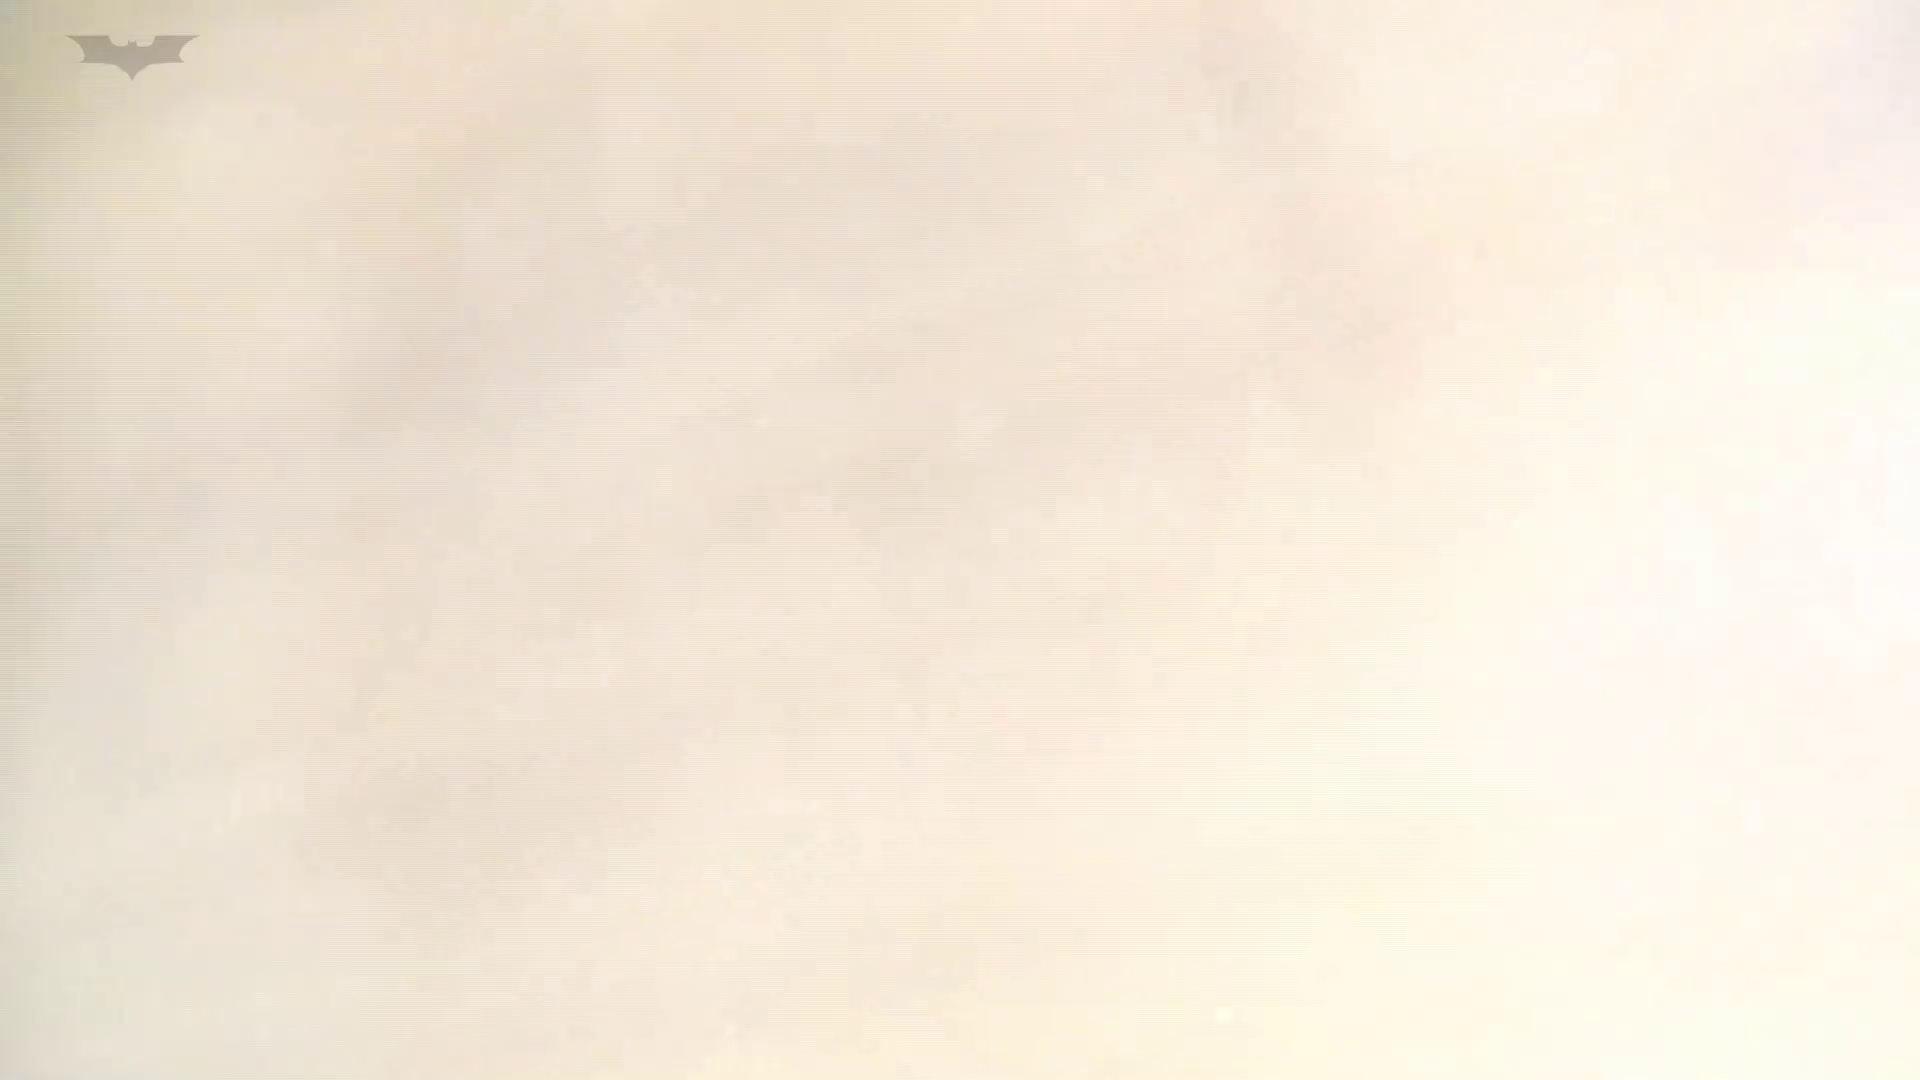 和式洋式七変化 Vol.31 洋式だけど丸見えですっ!! 洗面所のぞき エロ無料画像 104枚 12